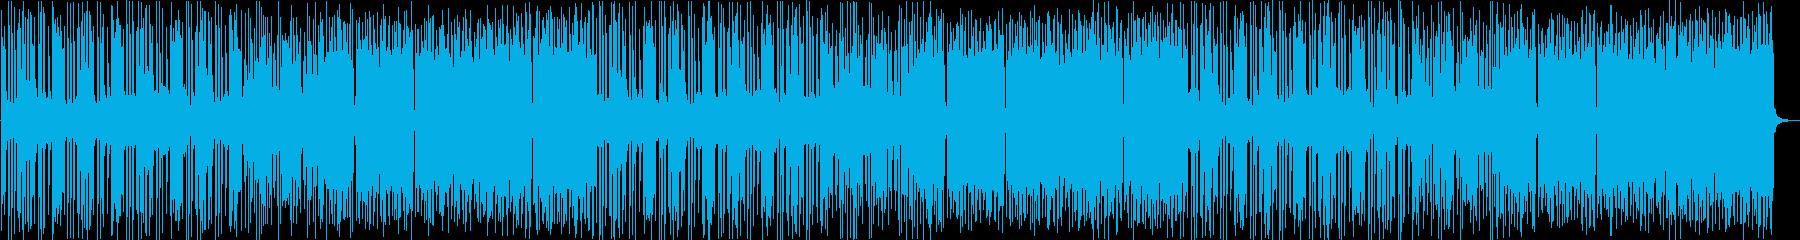 ポップで元気がよく明るいBGMの再生済みの波形